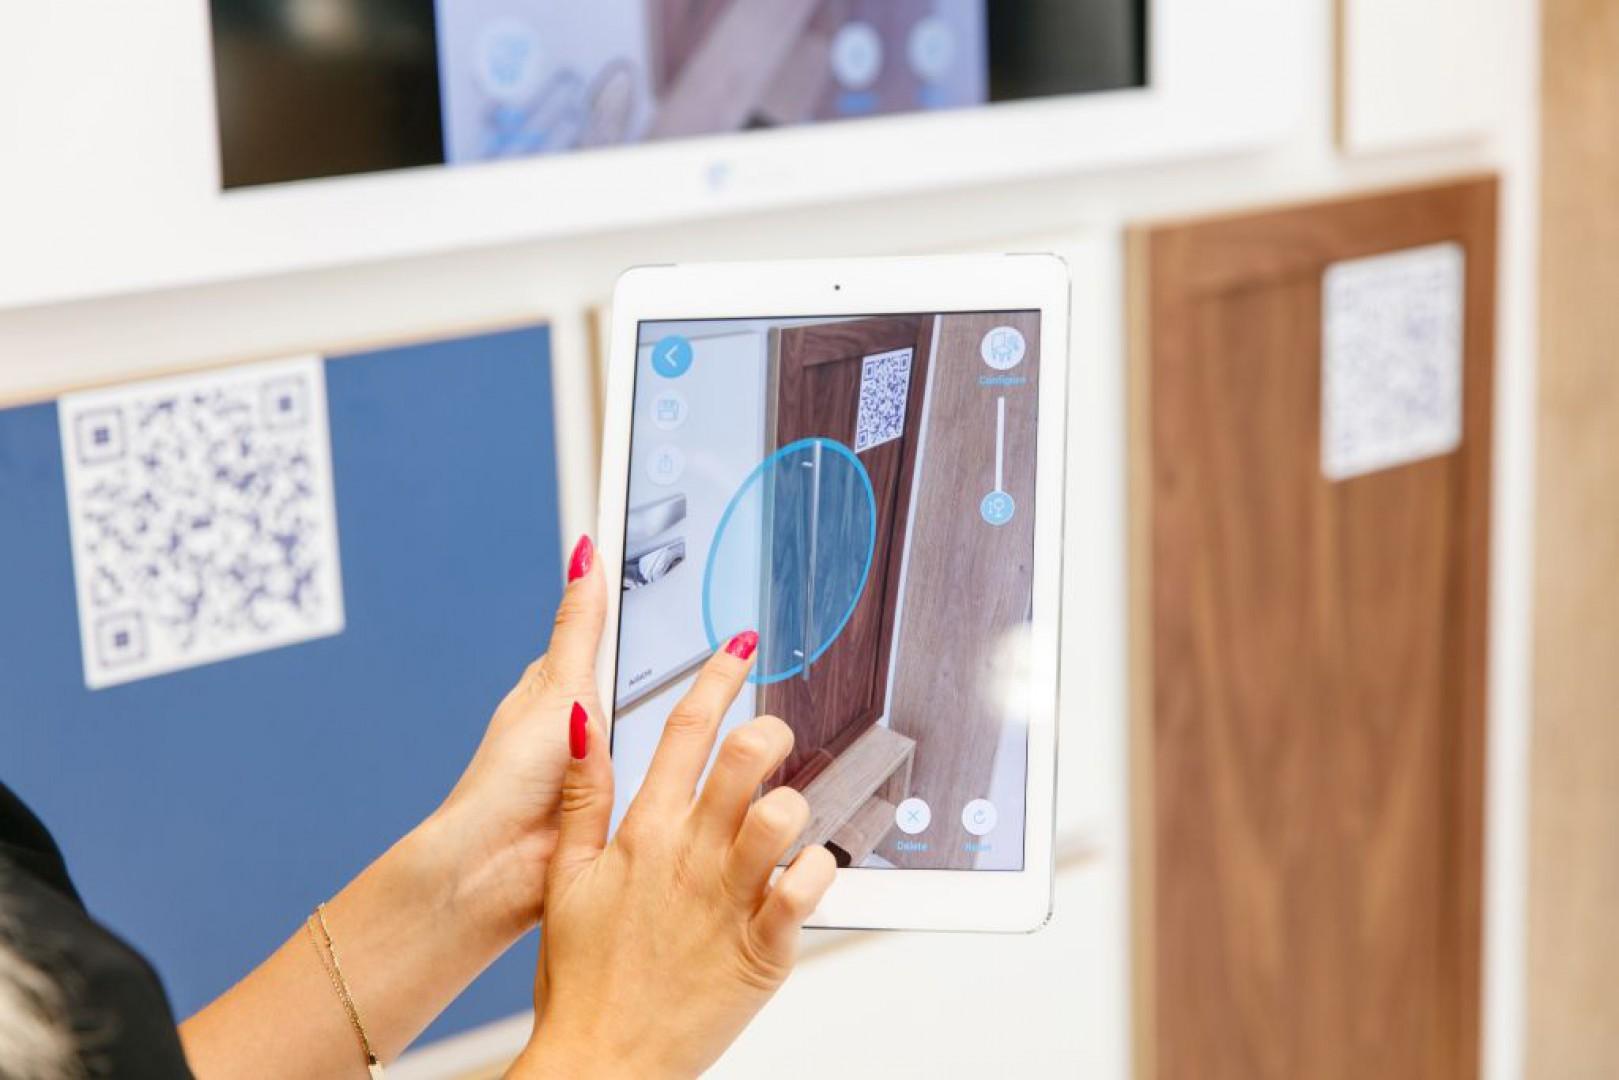 Dzięki aplikacji Intiaro można sprawdzić dopasowanie uchwytów meblowych firmy GTV bez konieczności wychodzenia z domu. Fot. GTV